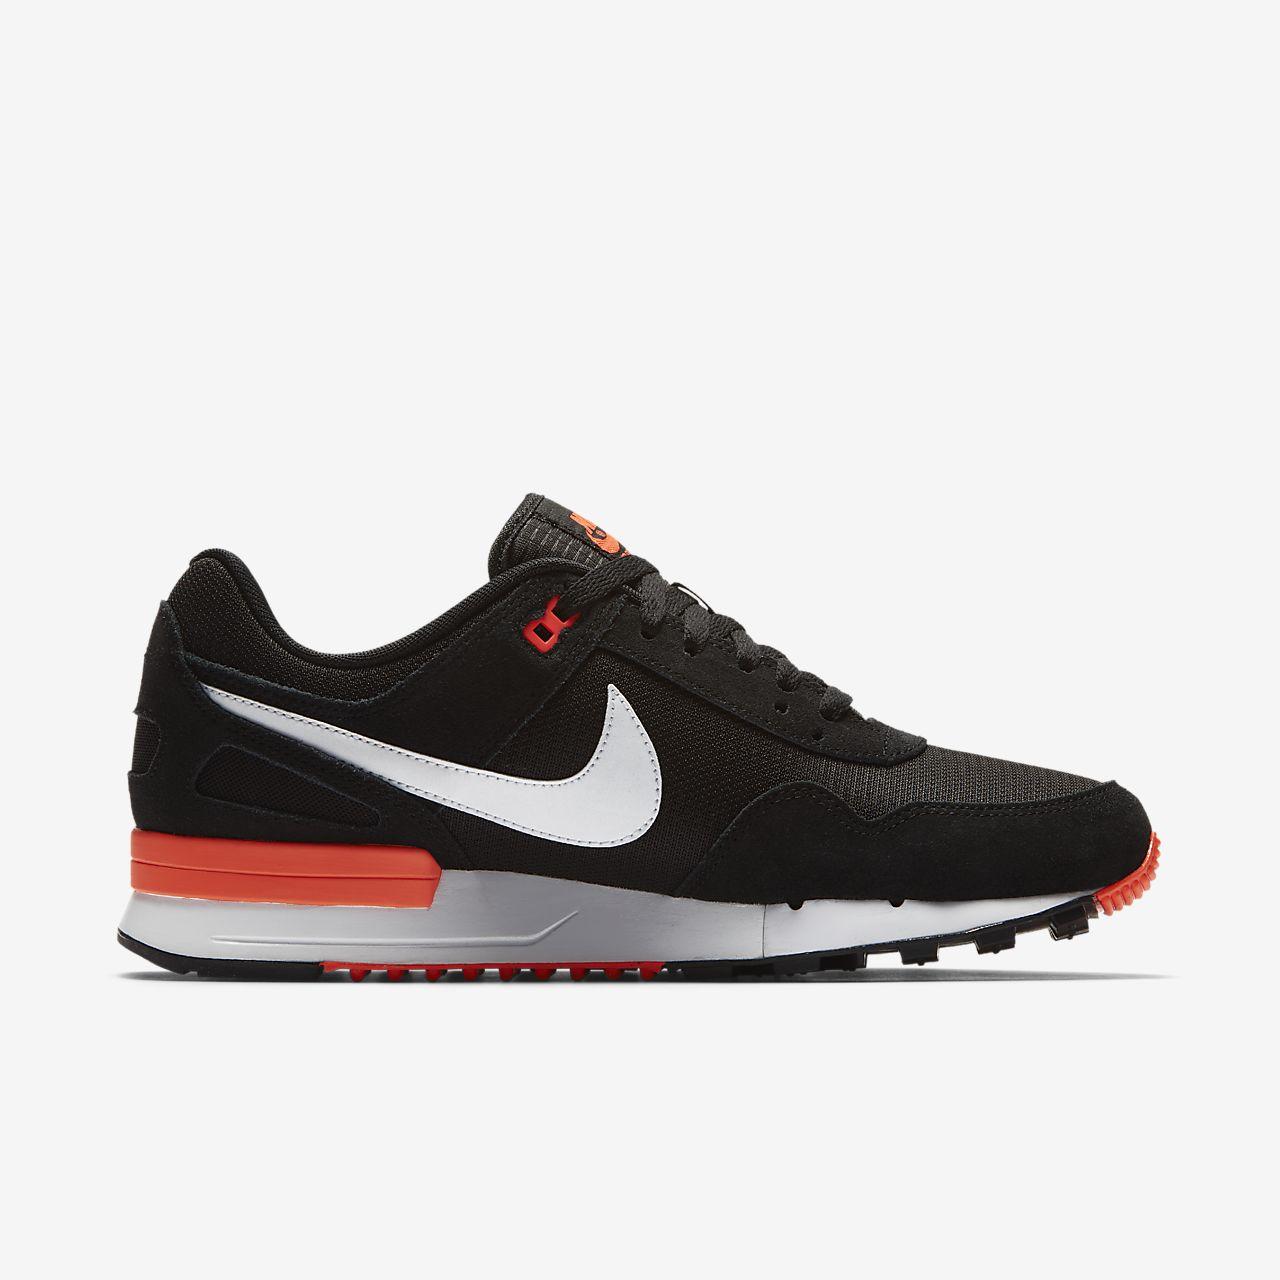 Chaussures Noires Nike Air Pegasus Pour Les Hommes HoZeEbJ